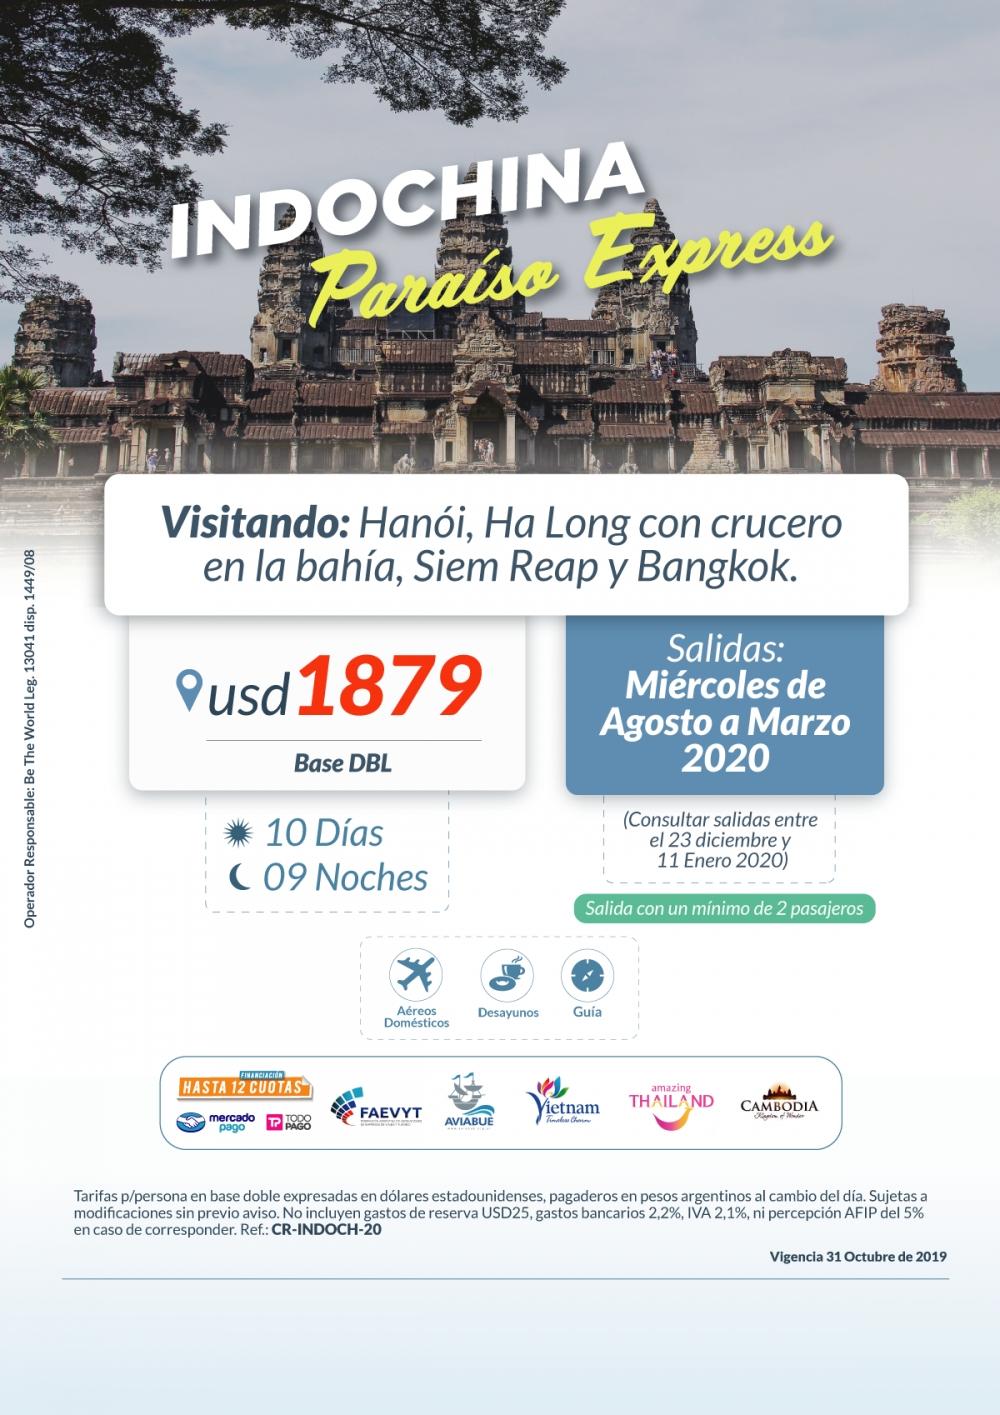 INDOCHINA PARAÍSO EXPRESS